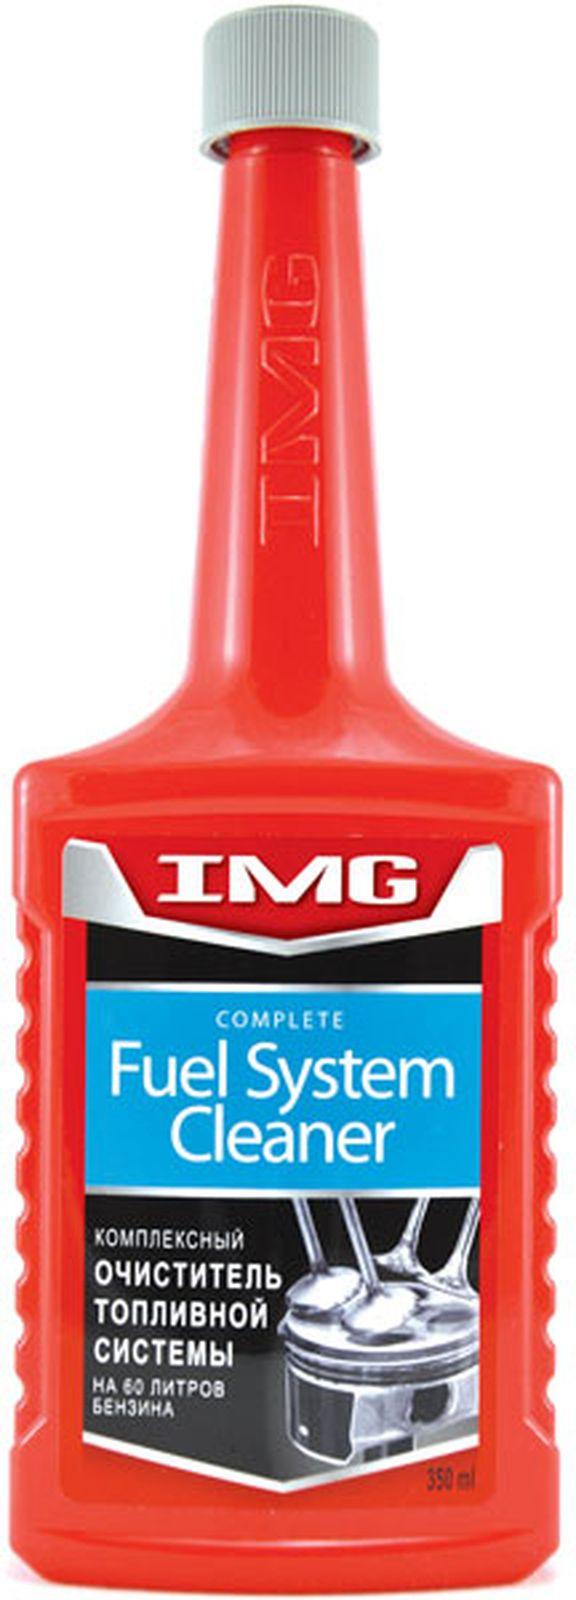 Очиститель топливной системы IMG, комплексный, на 60 л, 350 мл